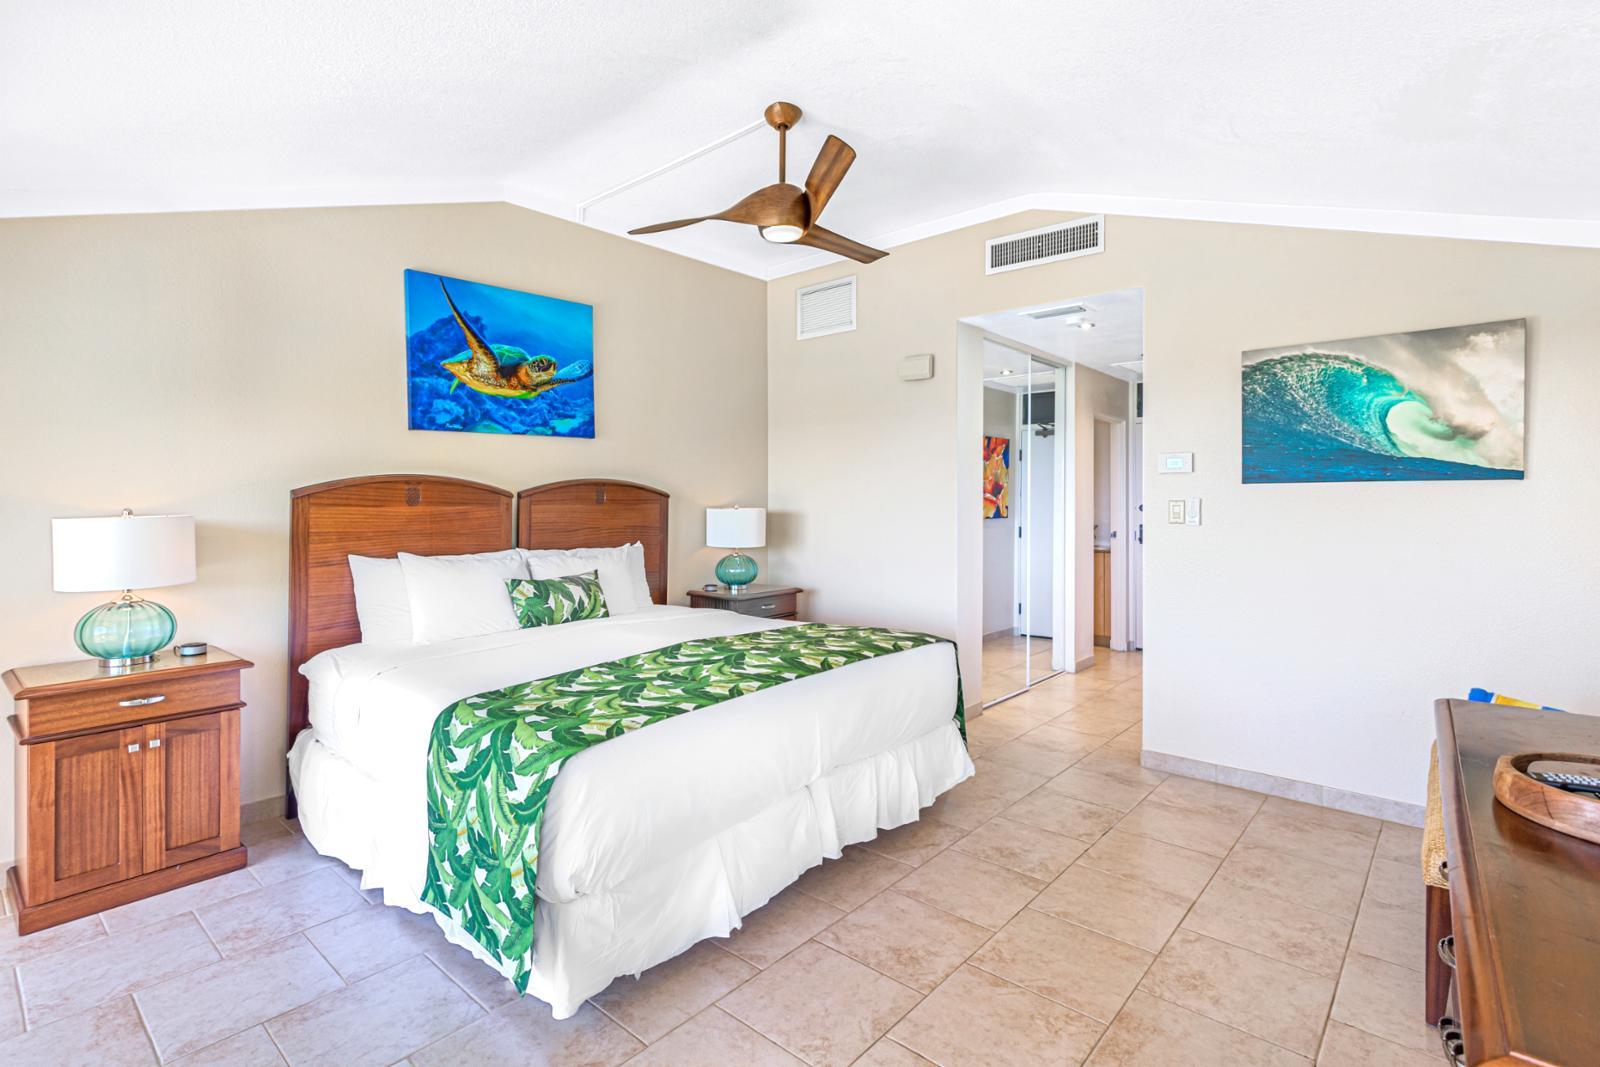 King bed, alternate setup of 1st floor guest bedroom.